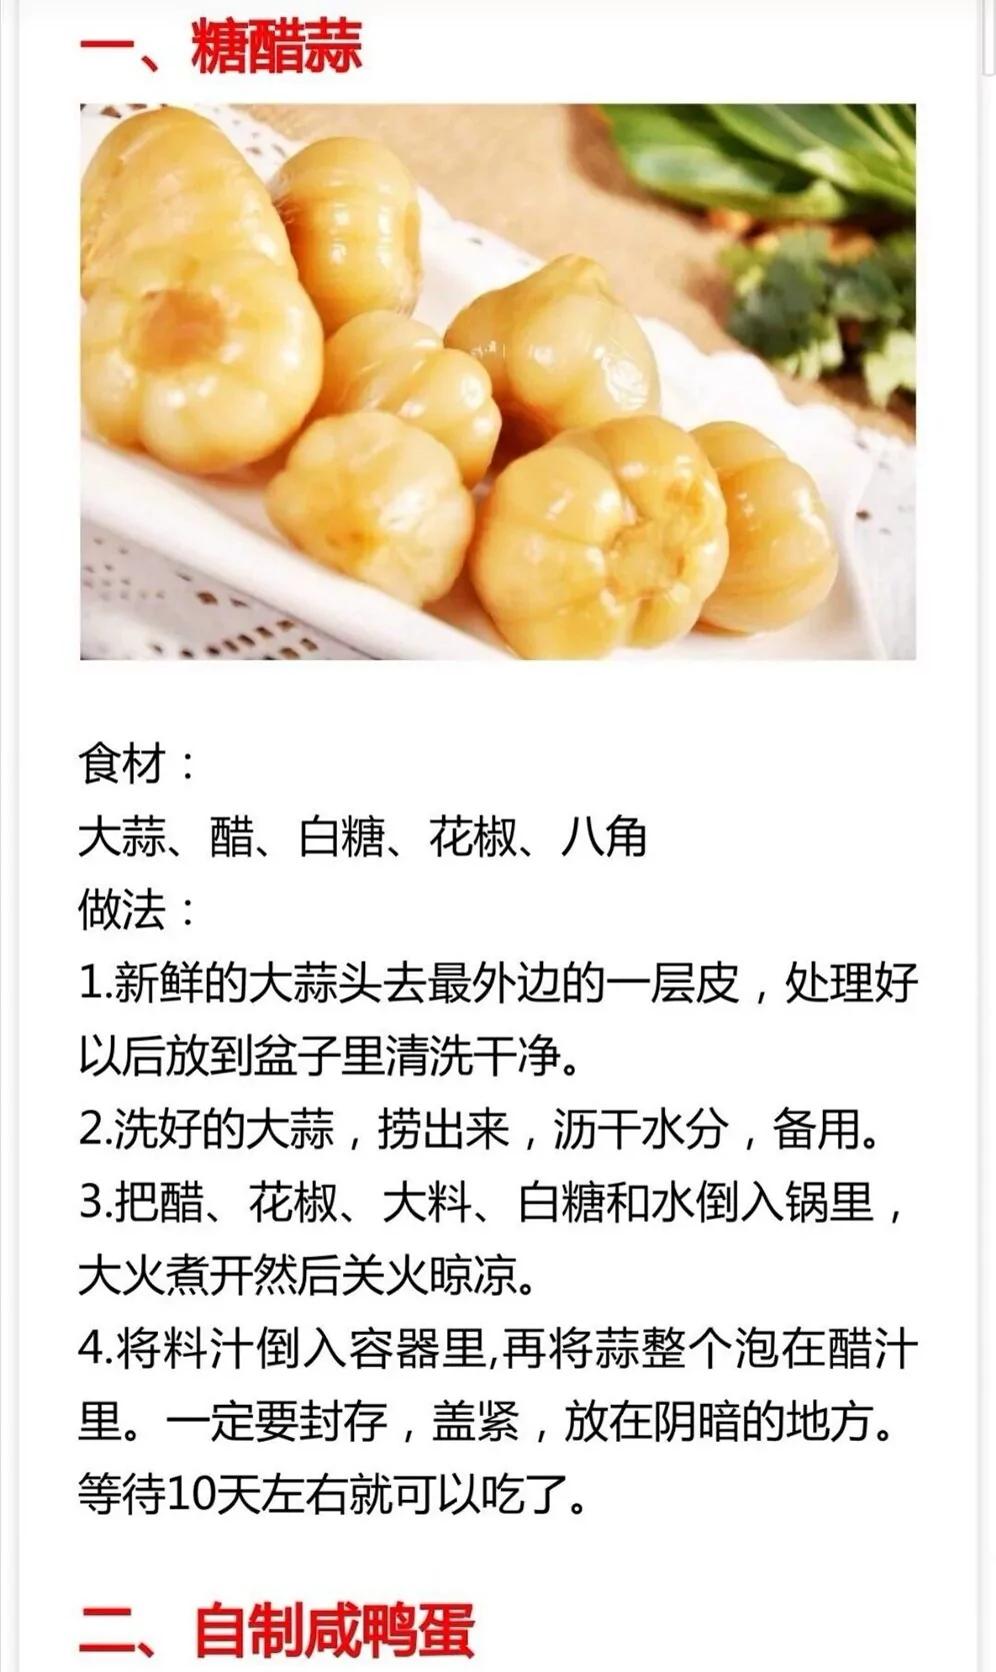 咸菜做法及配料 美食做法 第2张